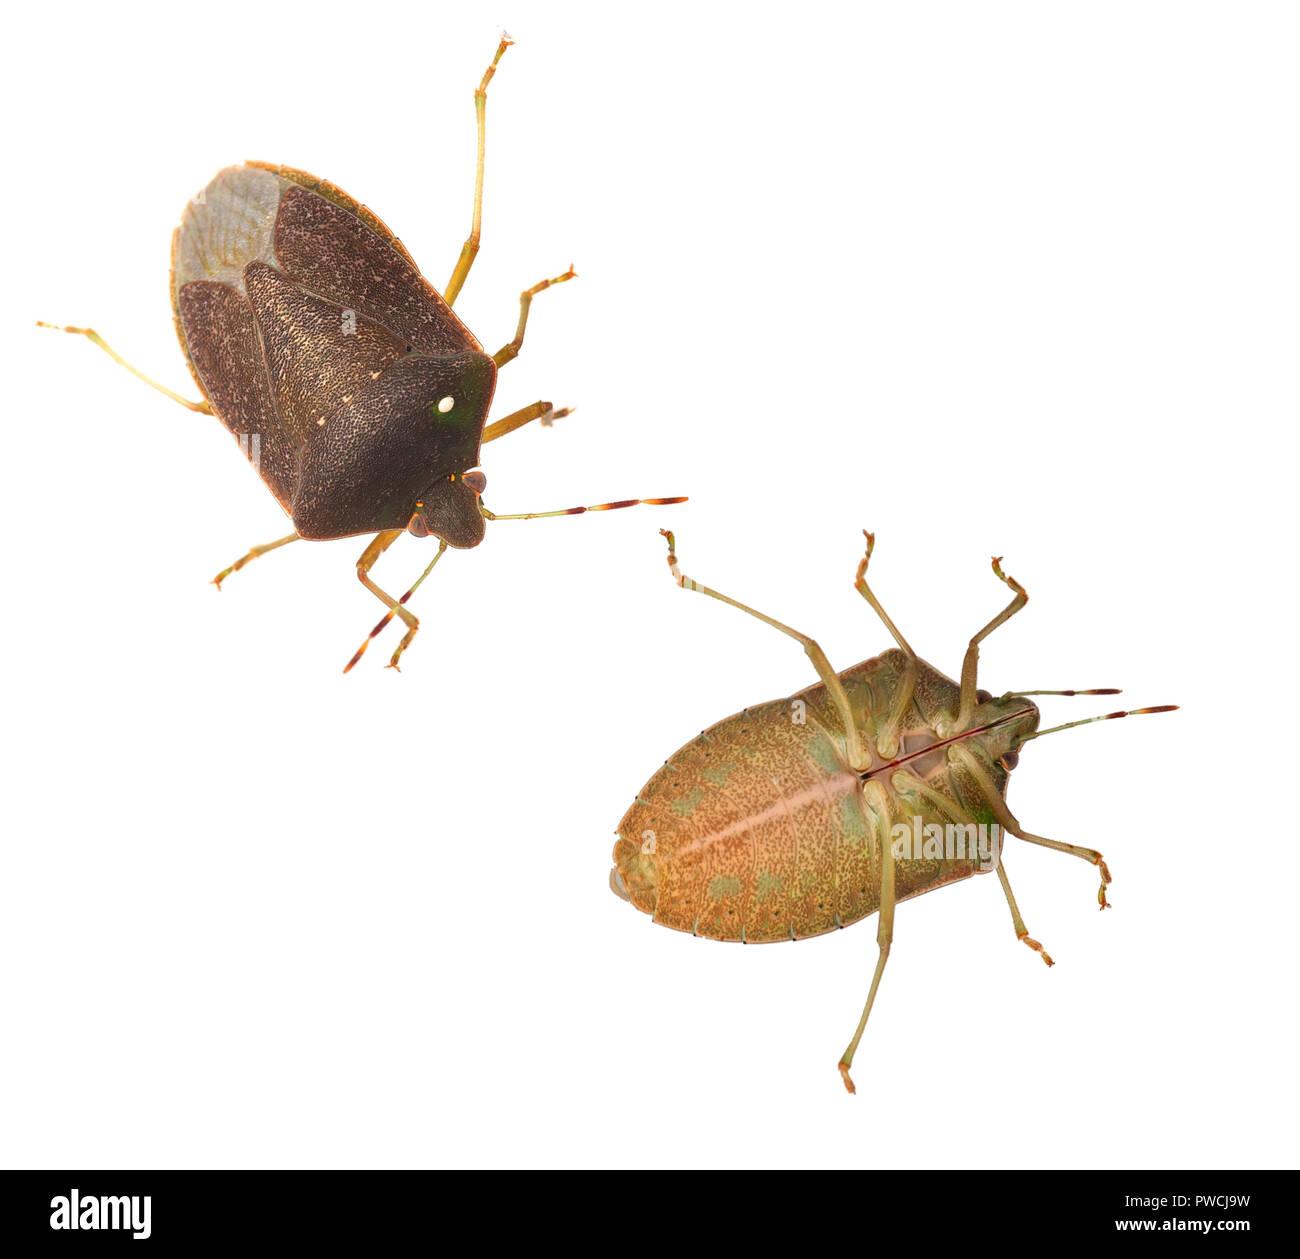 Stinken aka Schild bugs Nezara viridula, Erwachsene, im Winter Farben. Ober- und Unterseite, auf weissem isoliert. Makro. Mit Eier parasitischer Fliegen. Stockbild